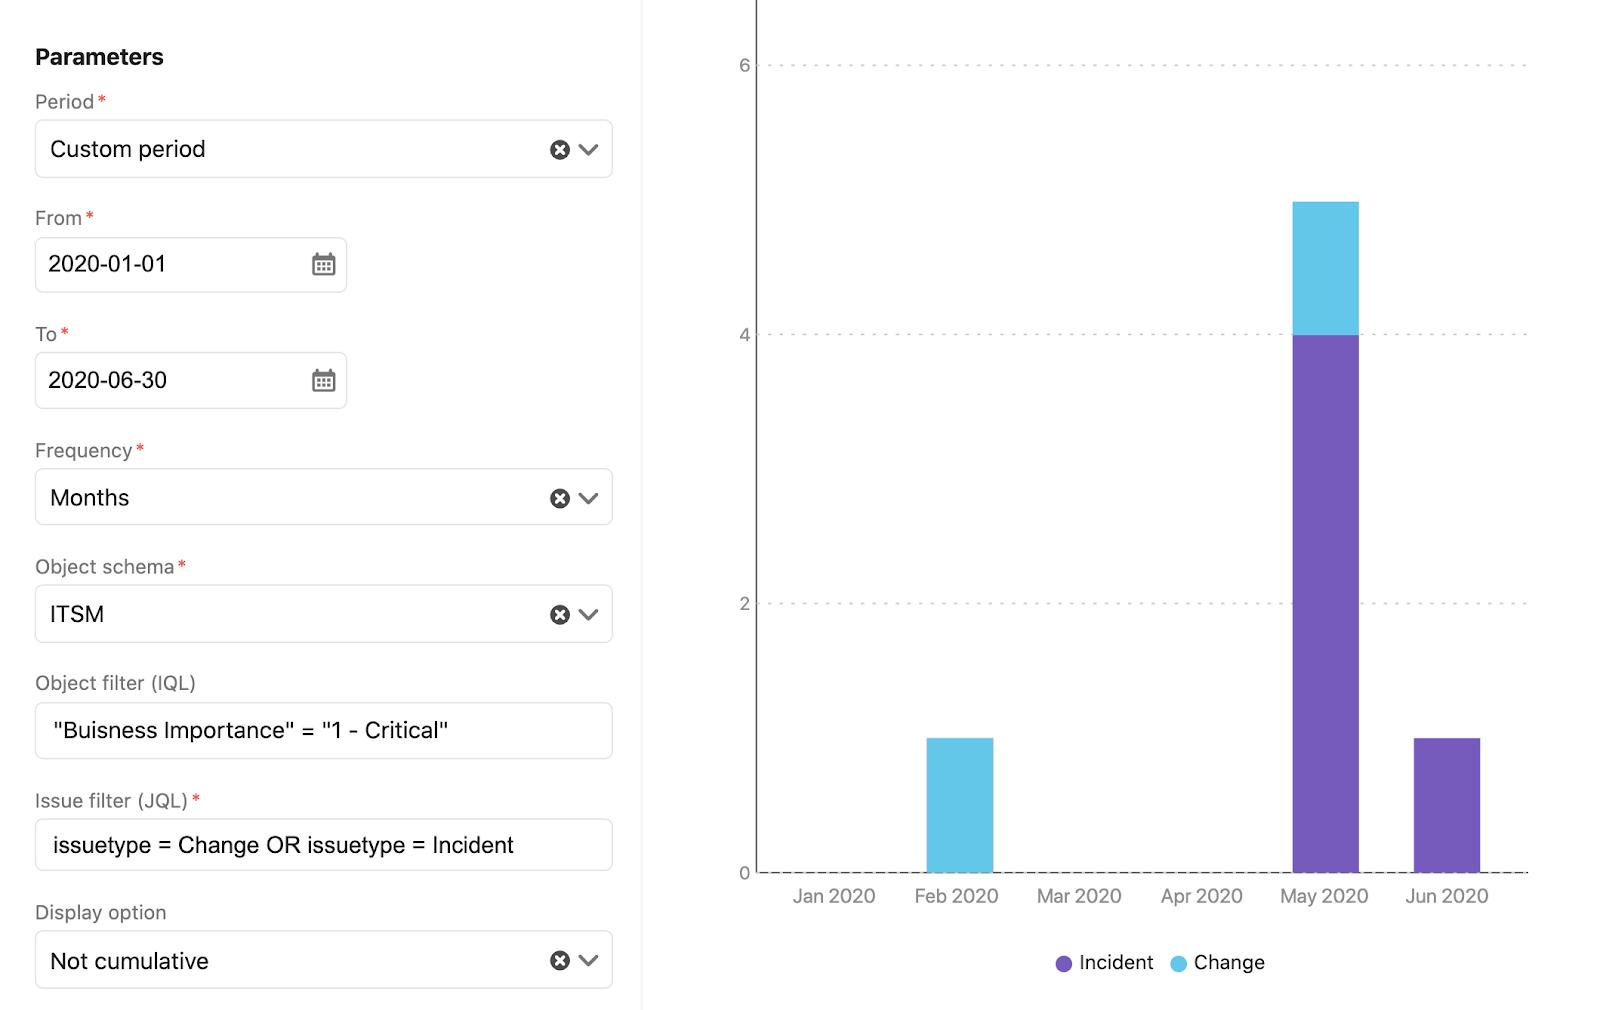 Fenêtre de configuration d'un rapportInsight indiquant le nombre de changements ou d'incidents liés aux objets auxquels l'importance métier la plus élevée a été assignée.